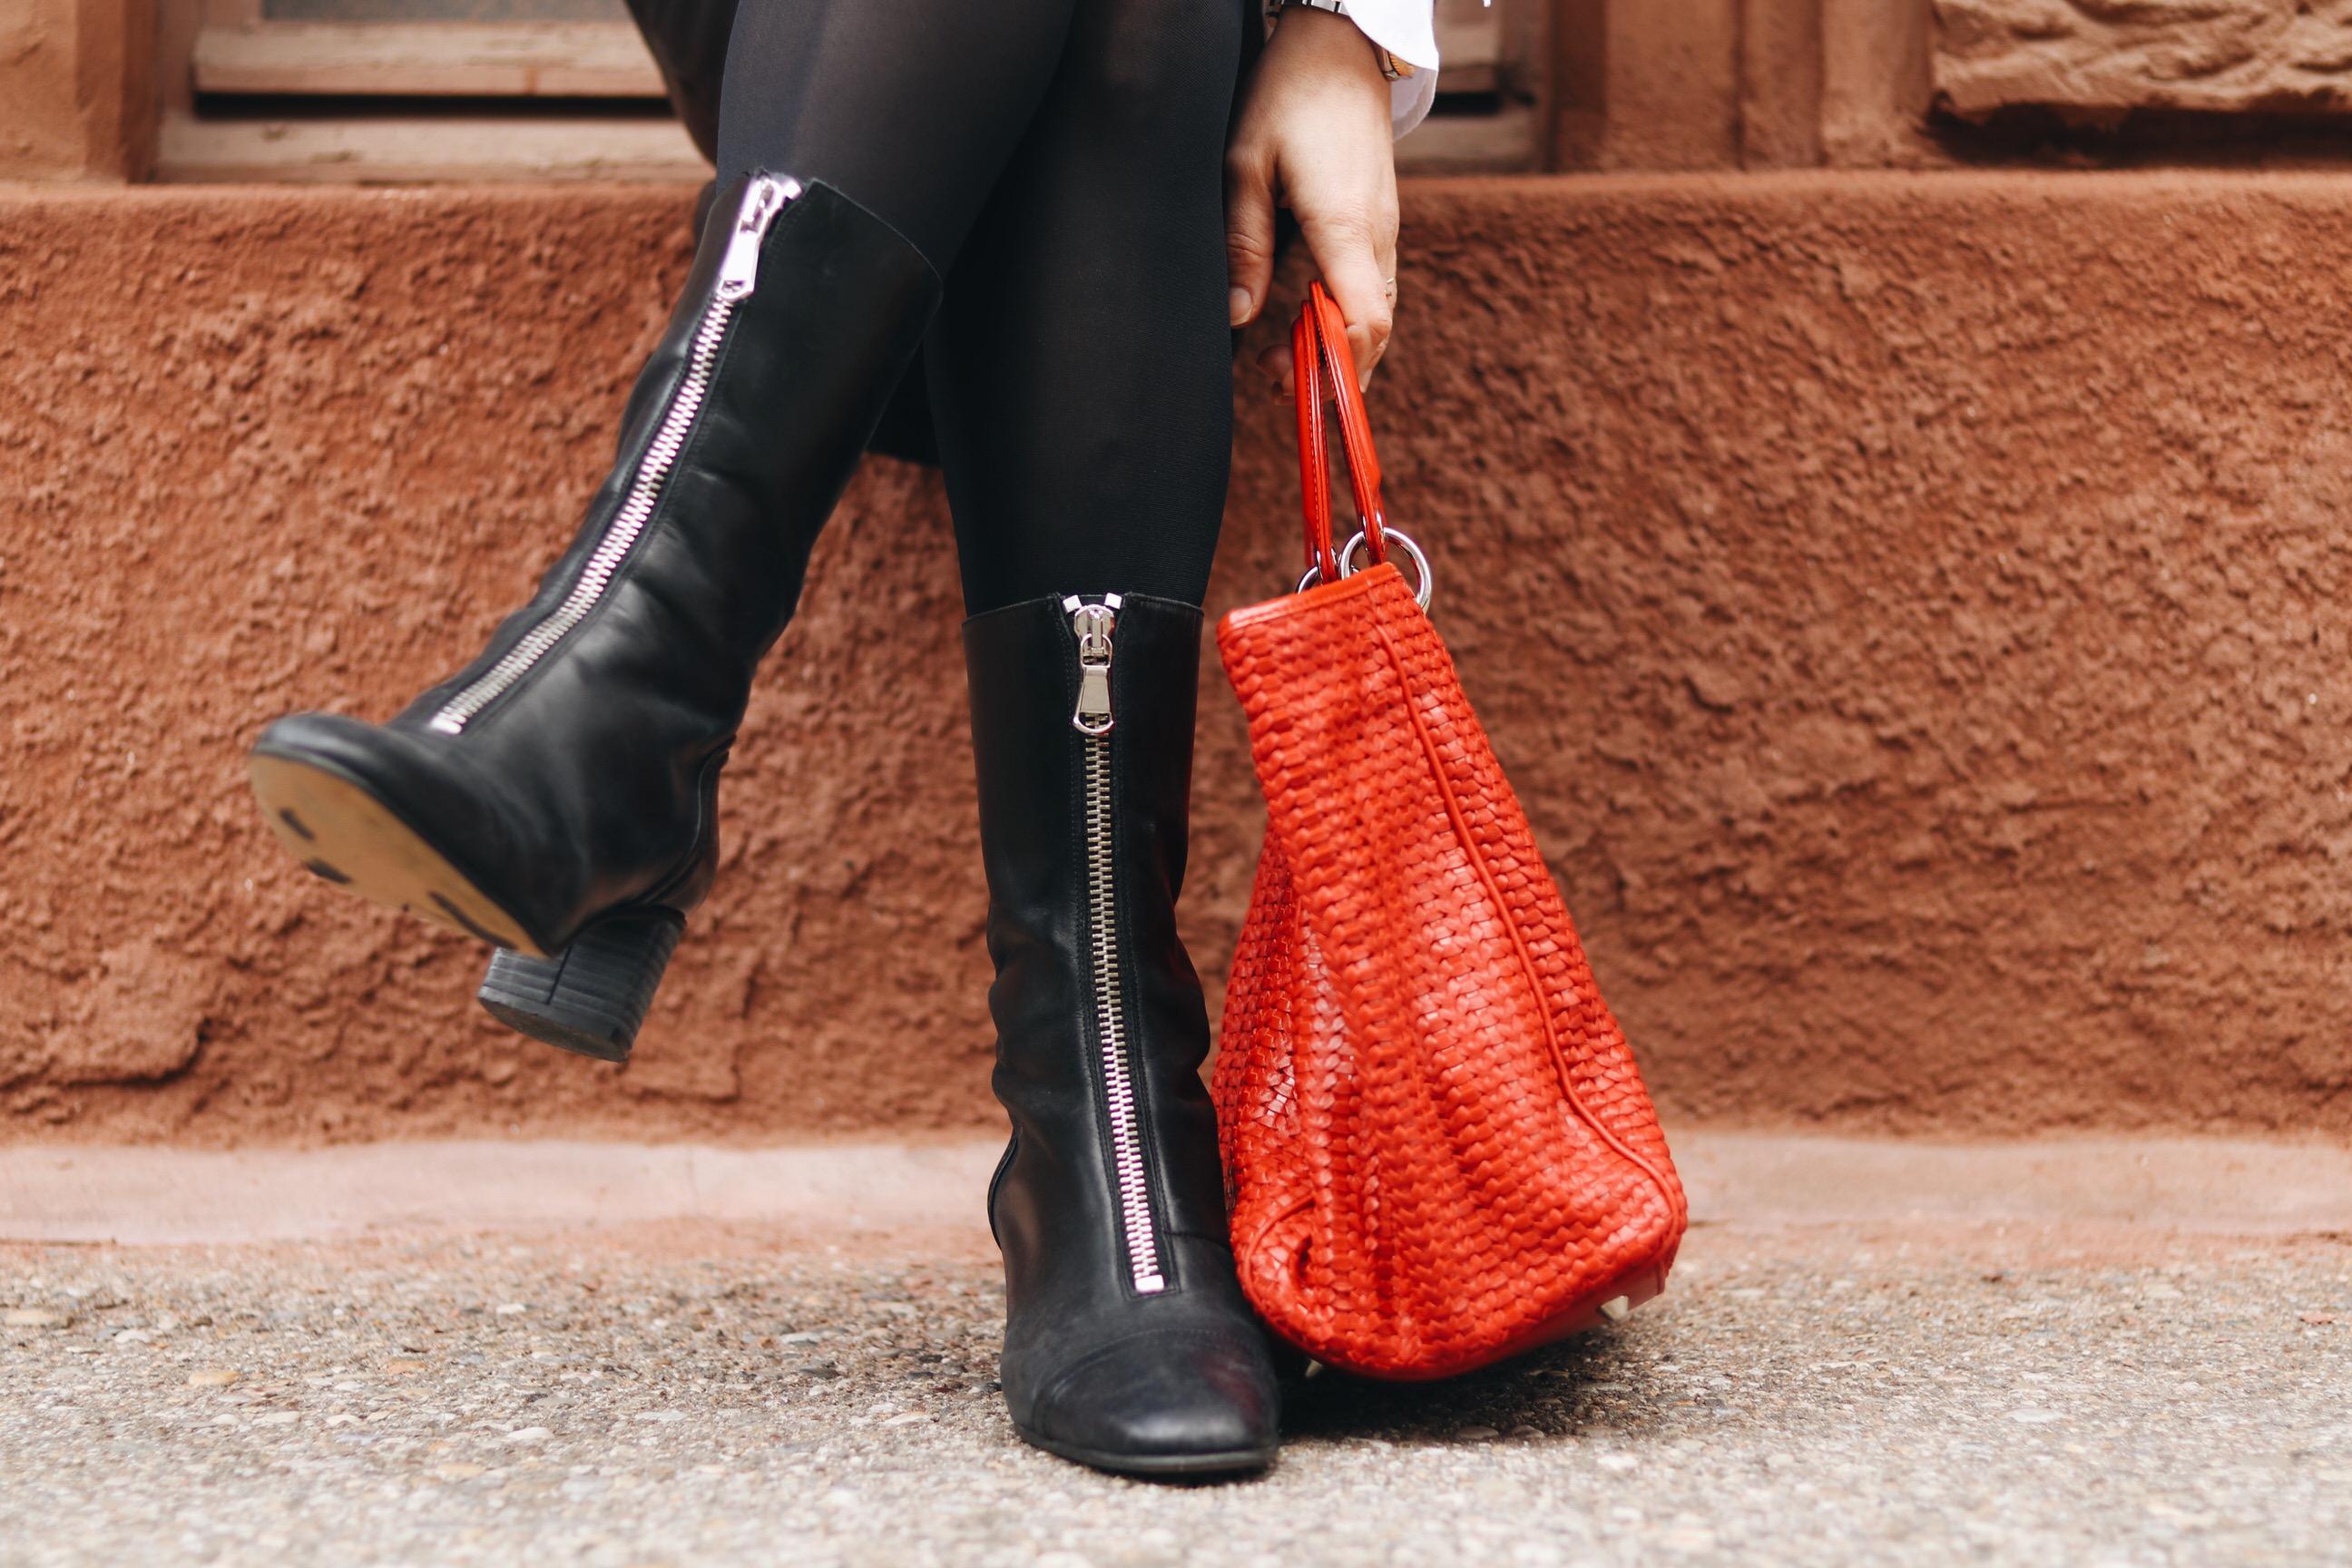 Modeblog Dior Tasche kombinieren Stiefeletten Fashionblog Instagram Pinterest